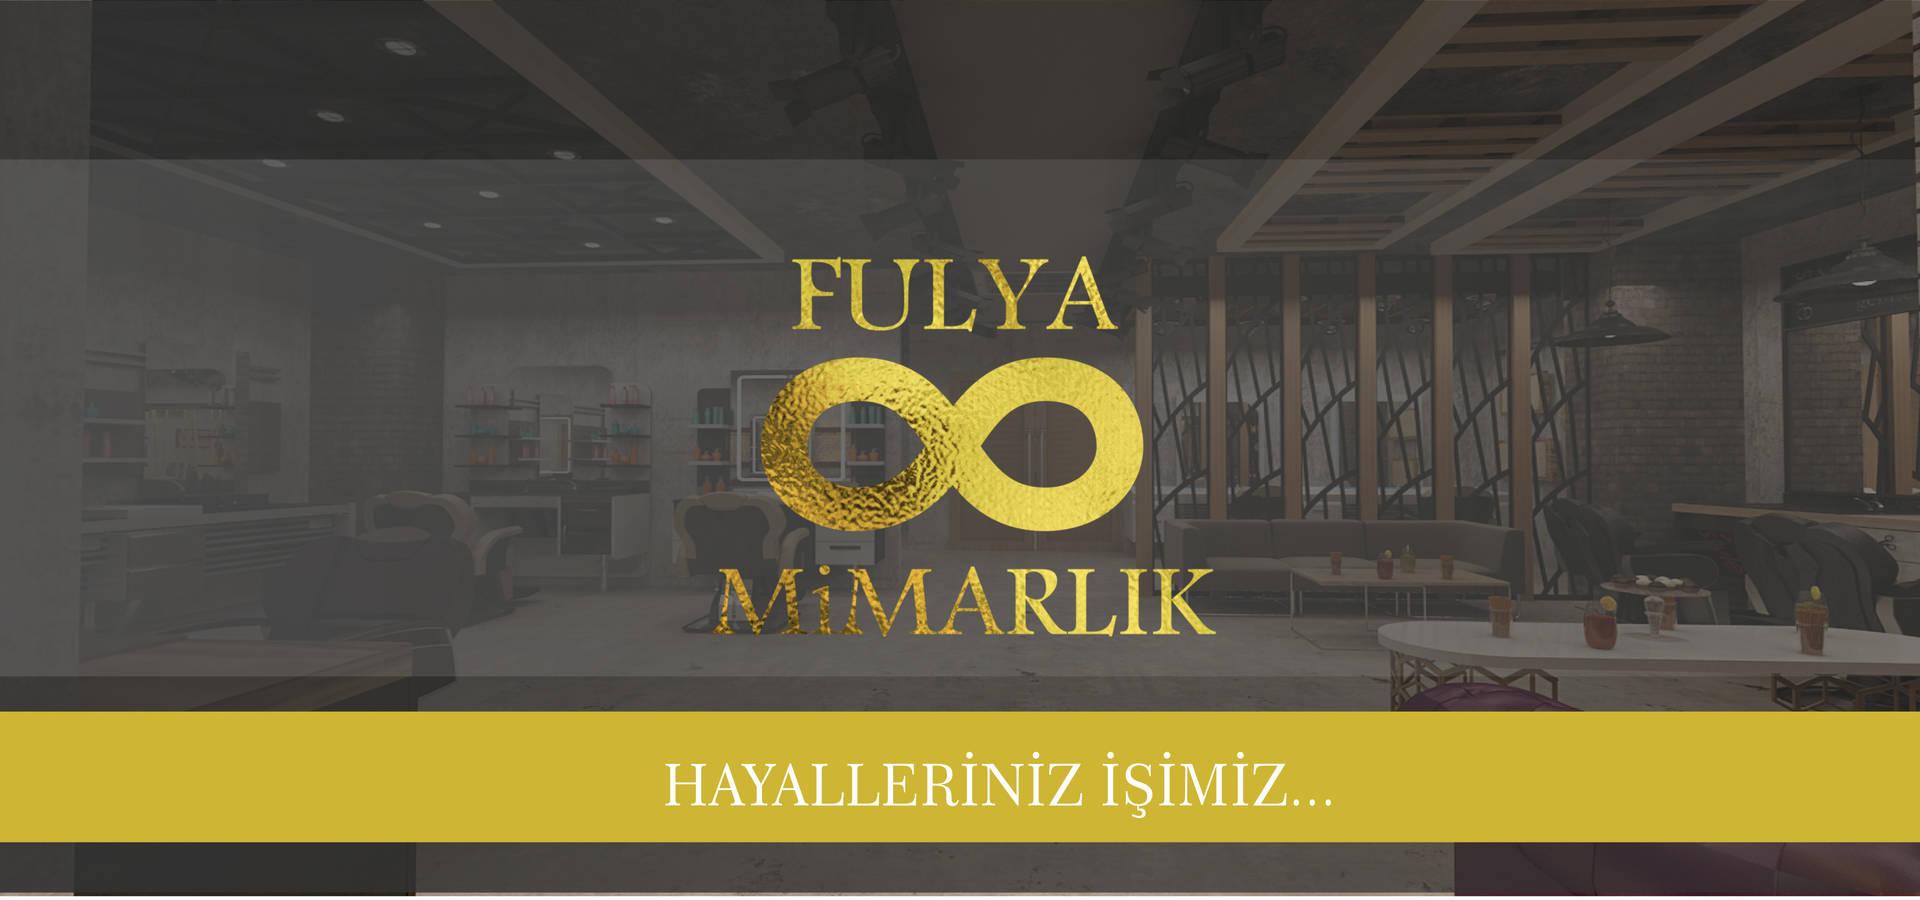 Fulya Mimarlık